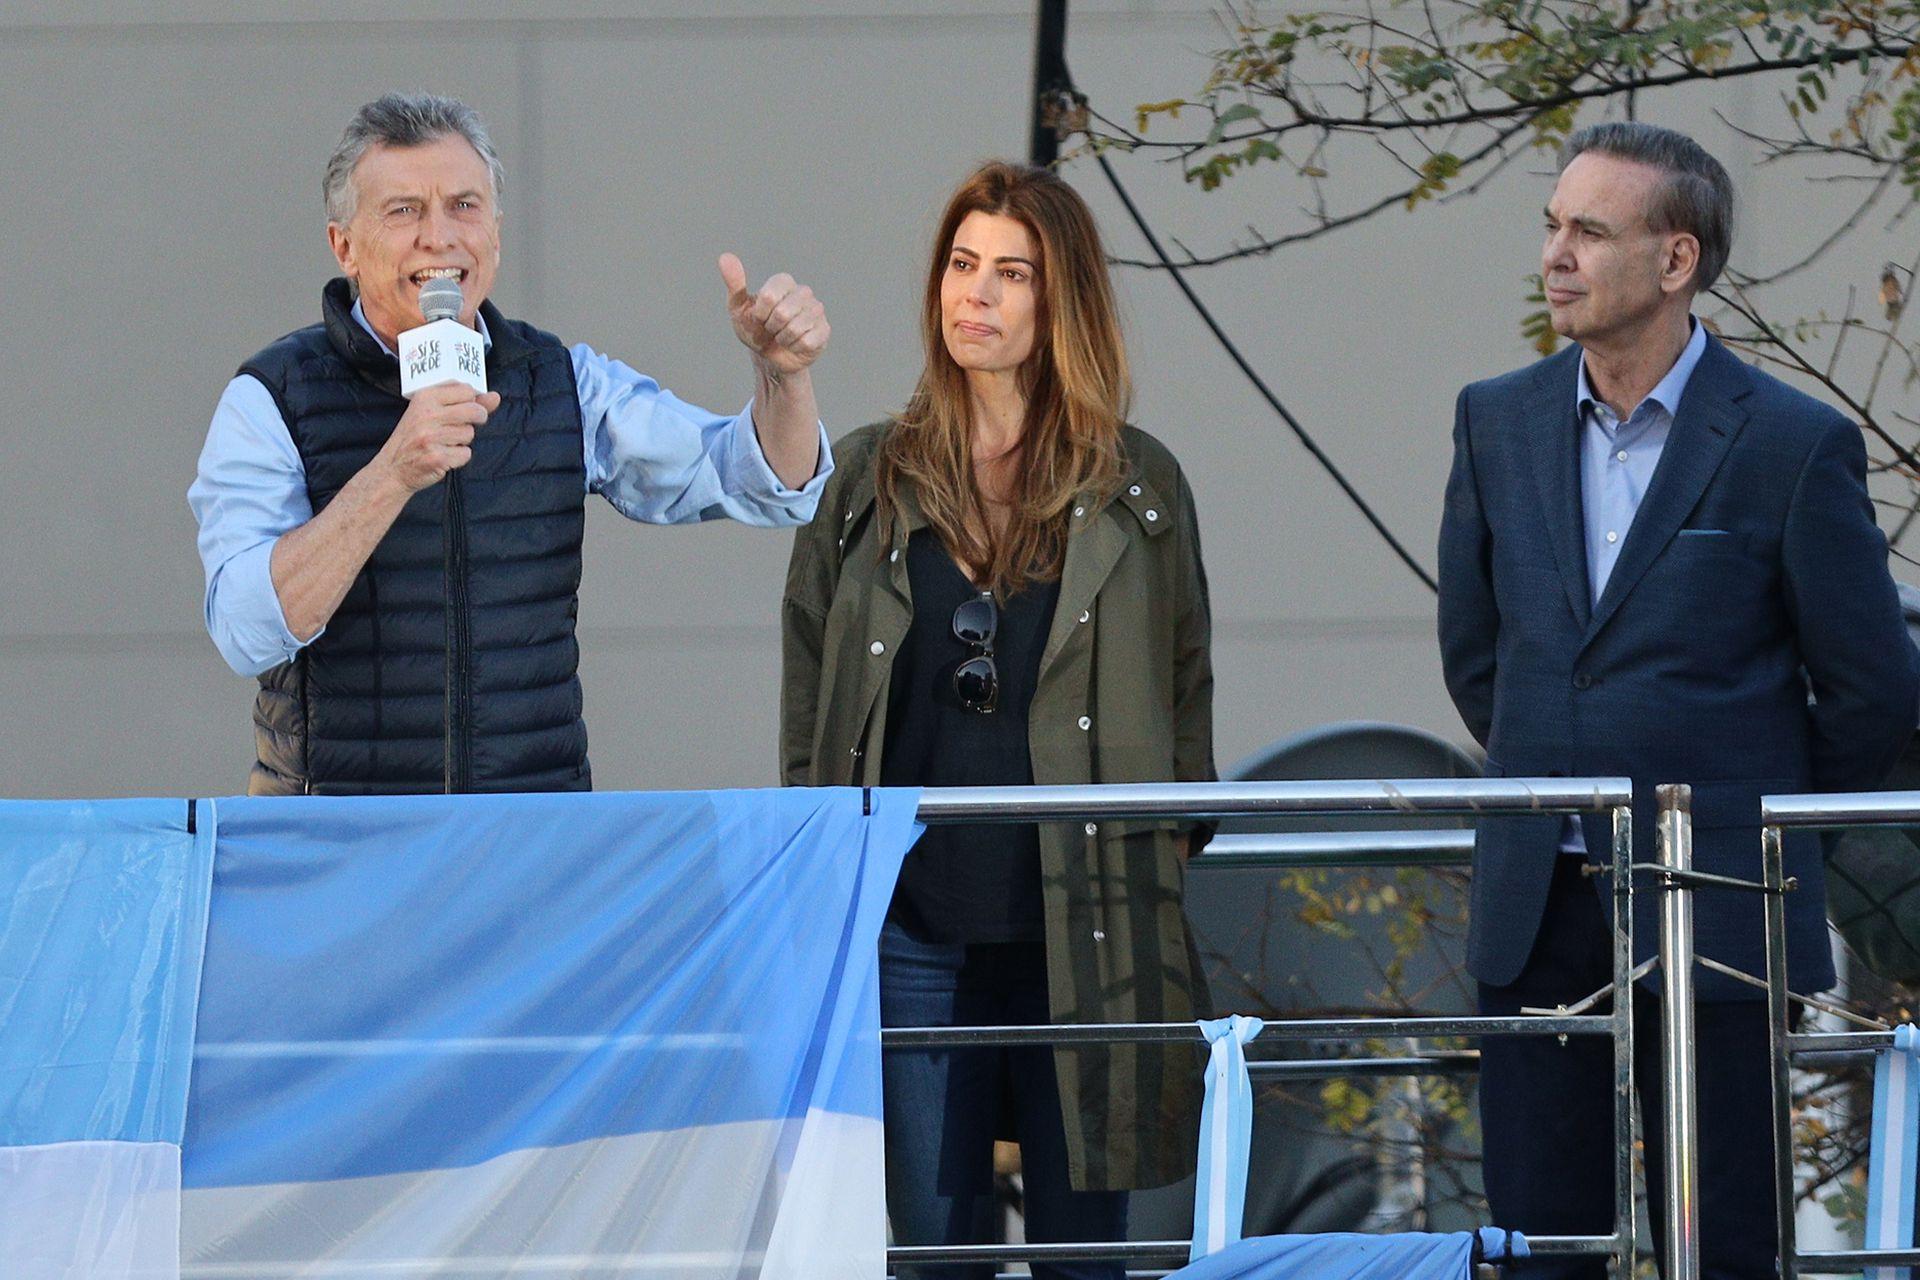 El presidente Mauricio Macri durante el discurso en las Barrancas de Belgrano, a su lado la primera dama Juliana Awada y el candidato Miguel Ángel Pichetto